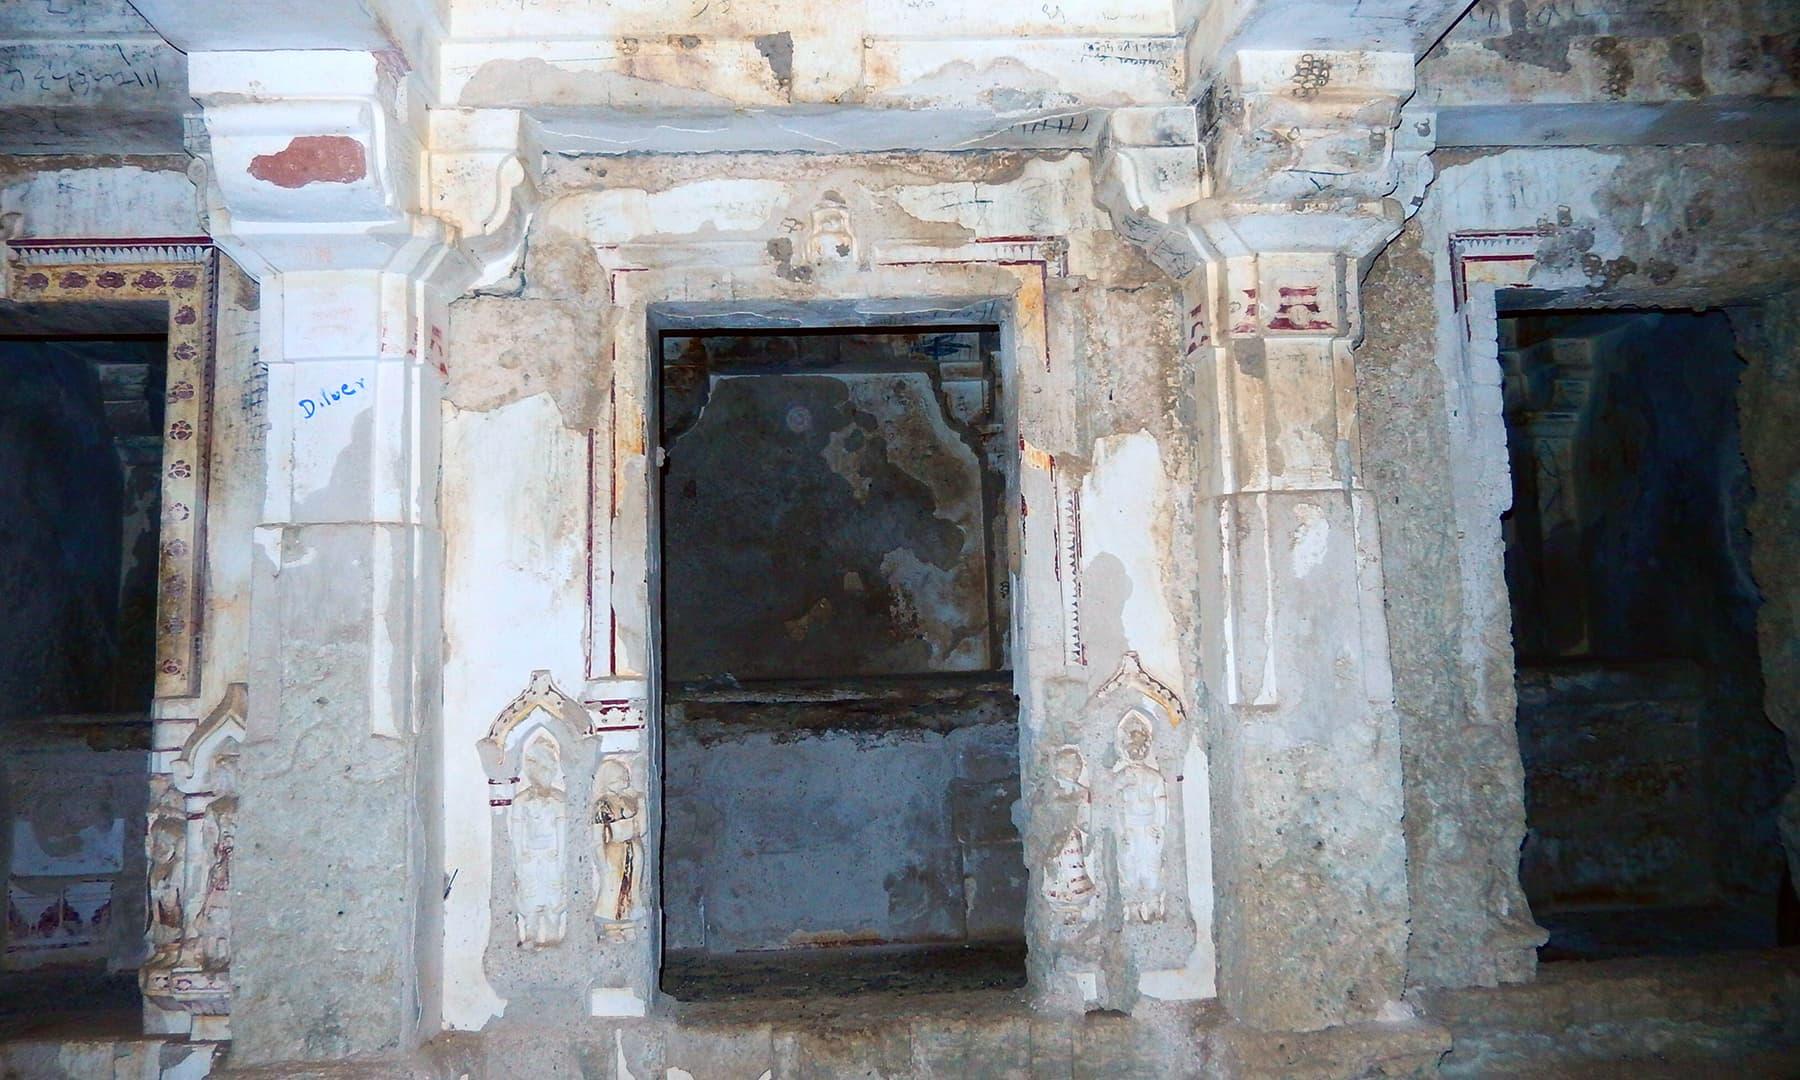 اندرونی حصے پر گوڑیچو کی مورتیاں و تصاویر بنائی گئی ہیں۔